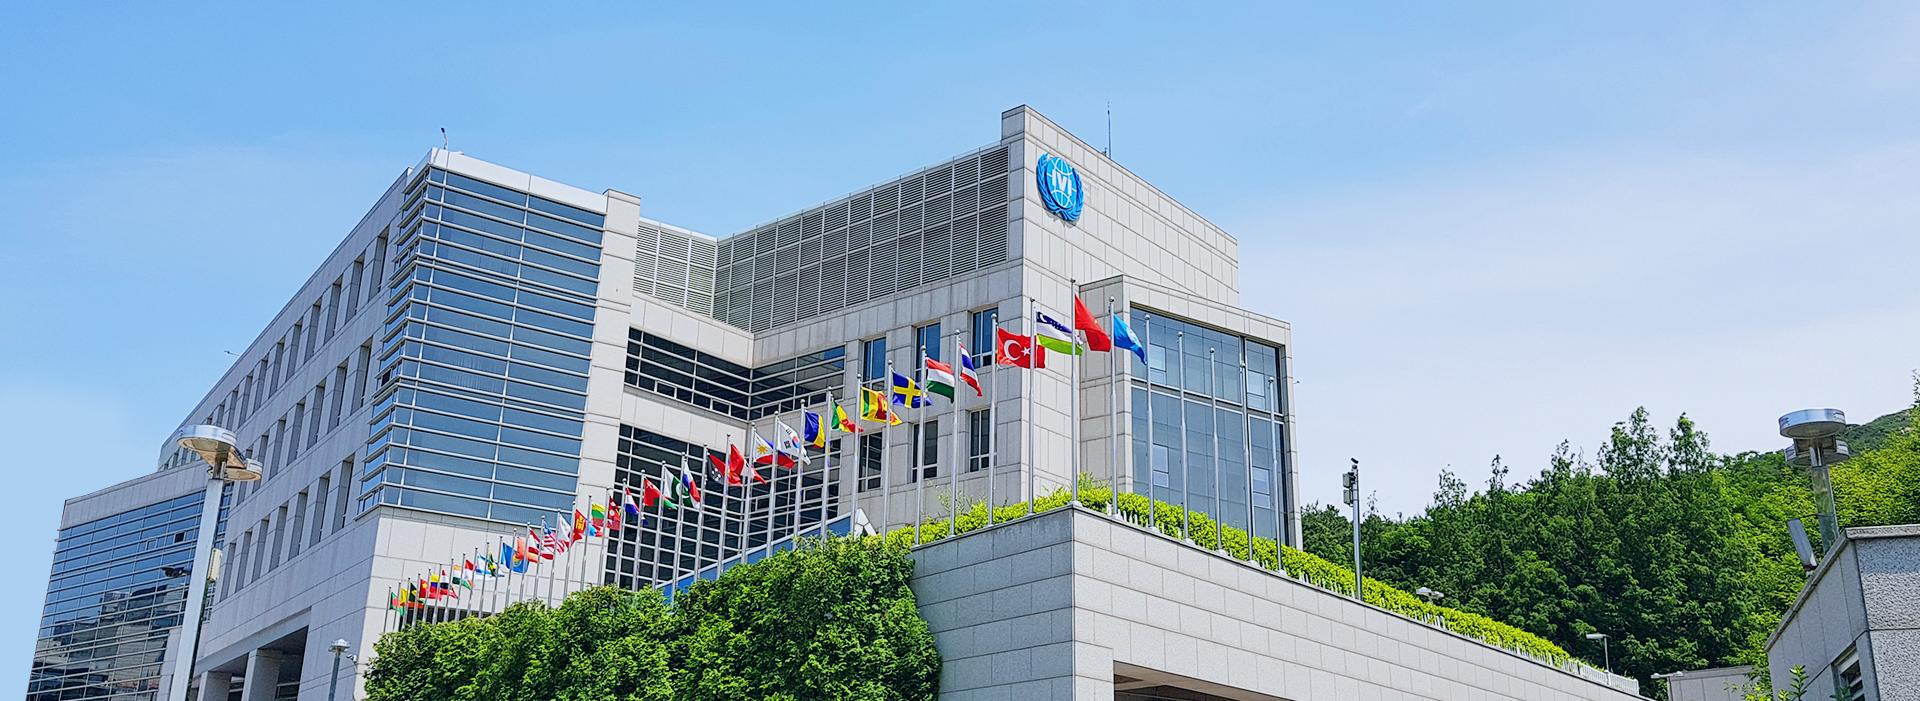 IVI - International Vaccine Institute